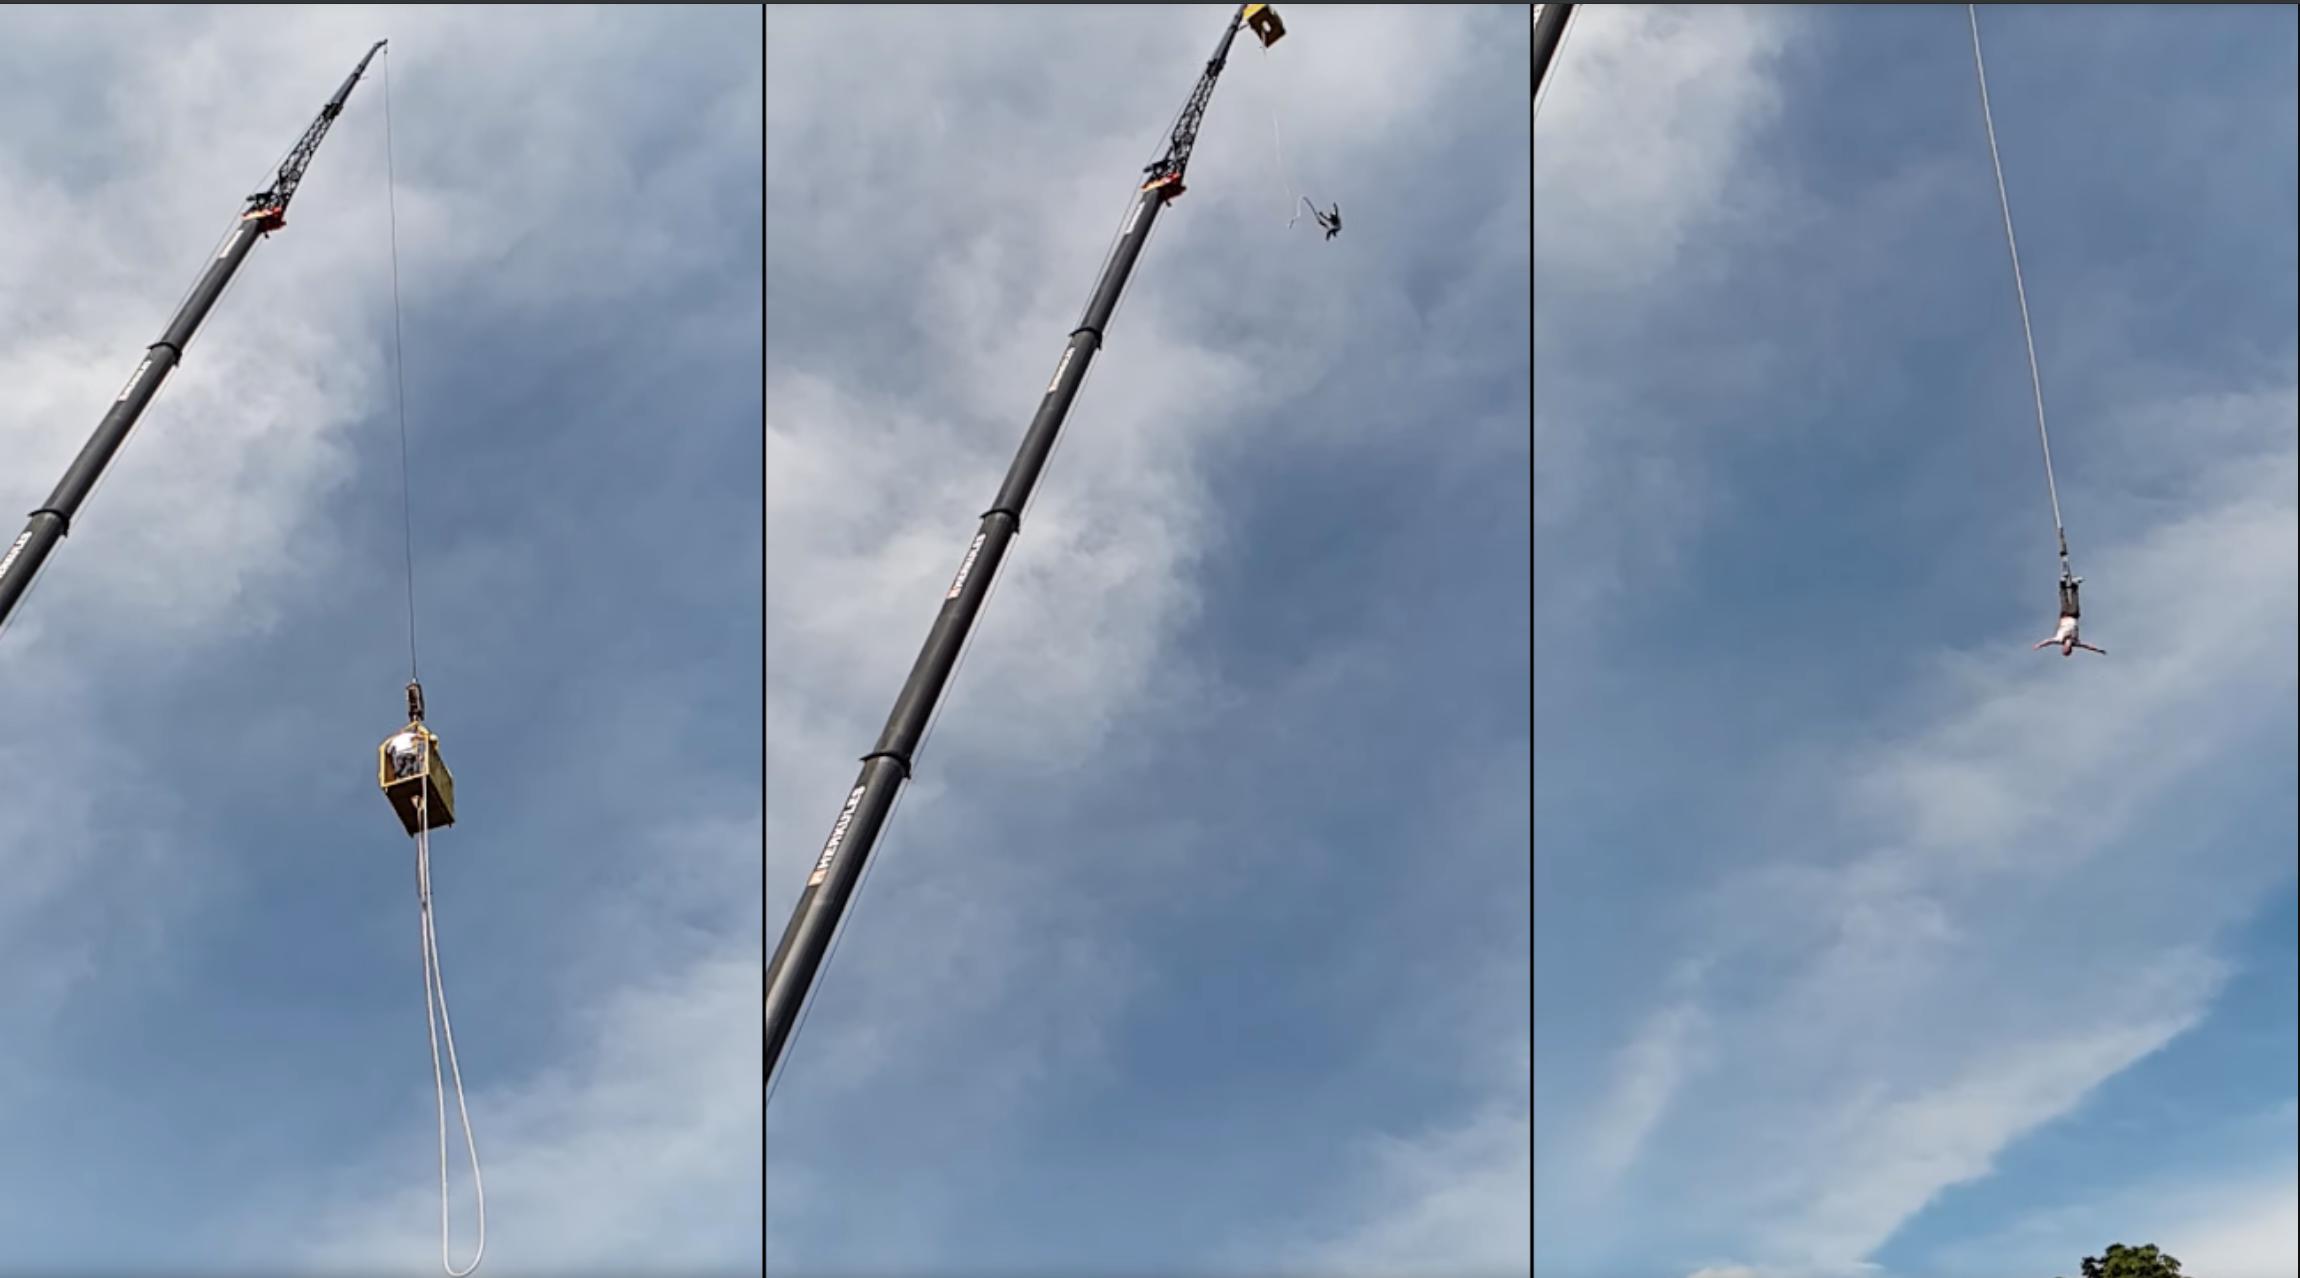 Bungeejumpkoord laat los bij sprong vanaf 92 meter hoogte